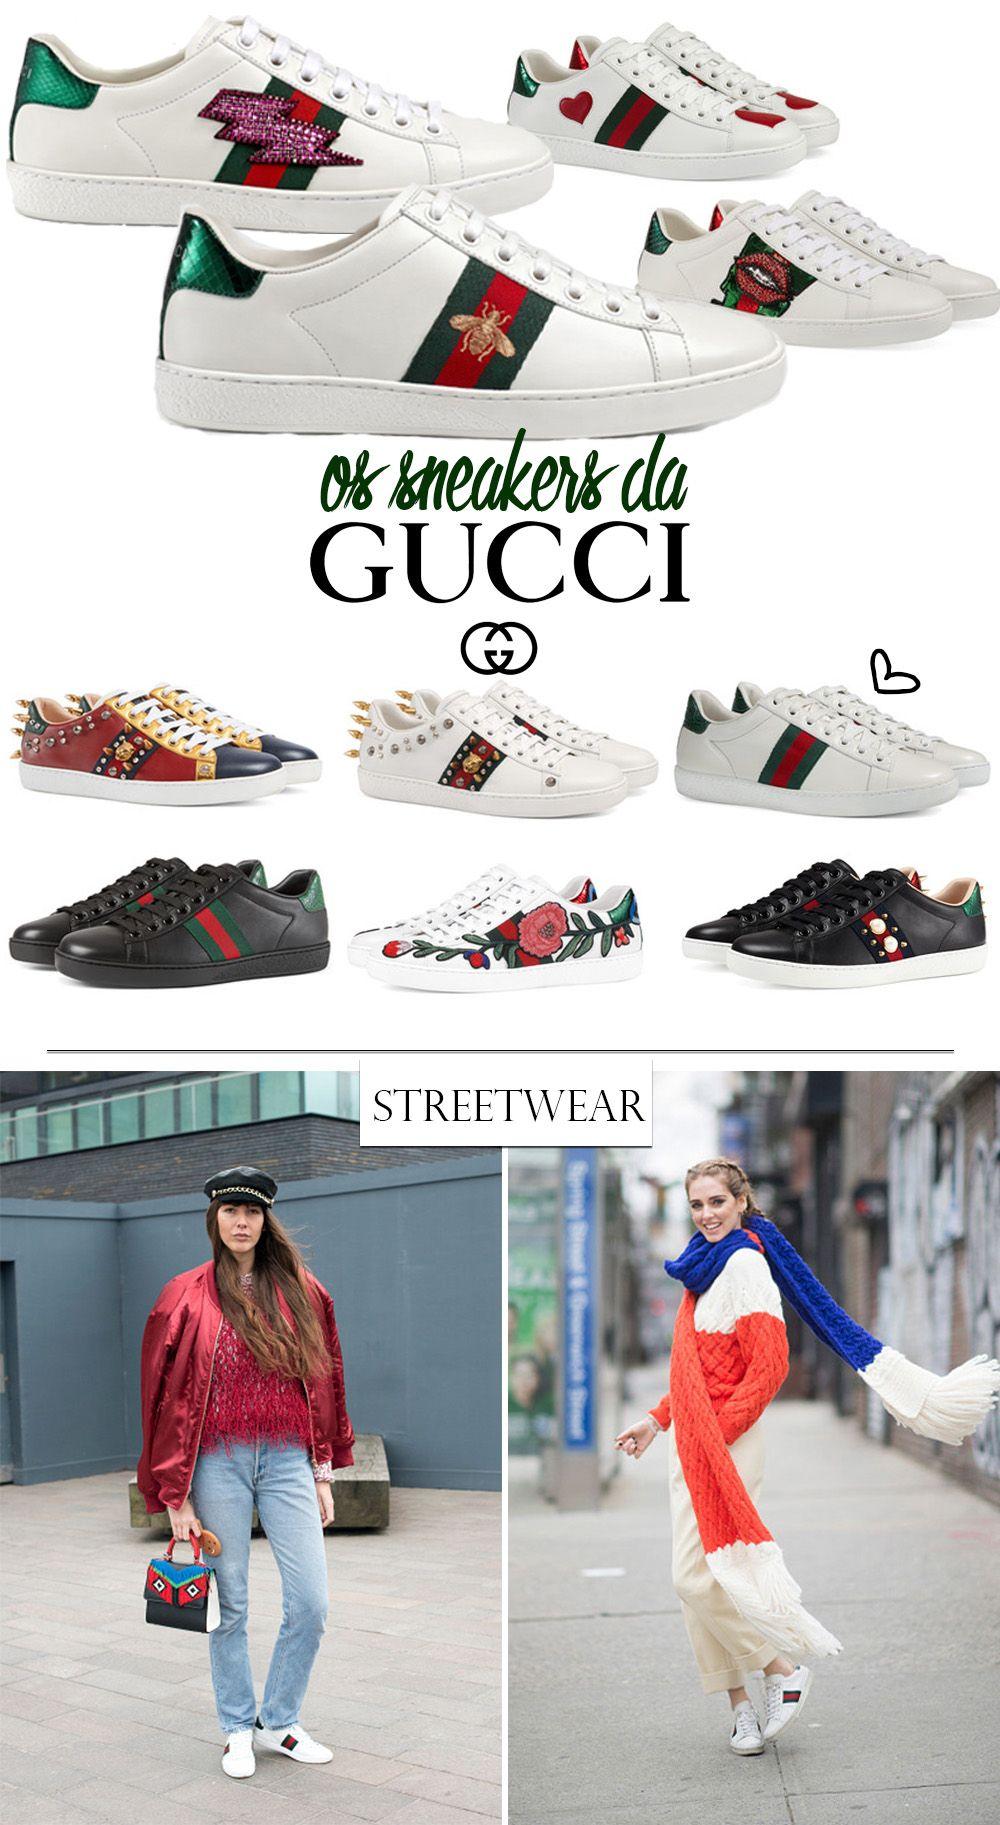 Tenis Desejo- Ace da Gucci blog da mariah